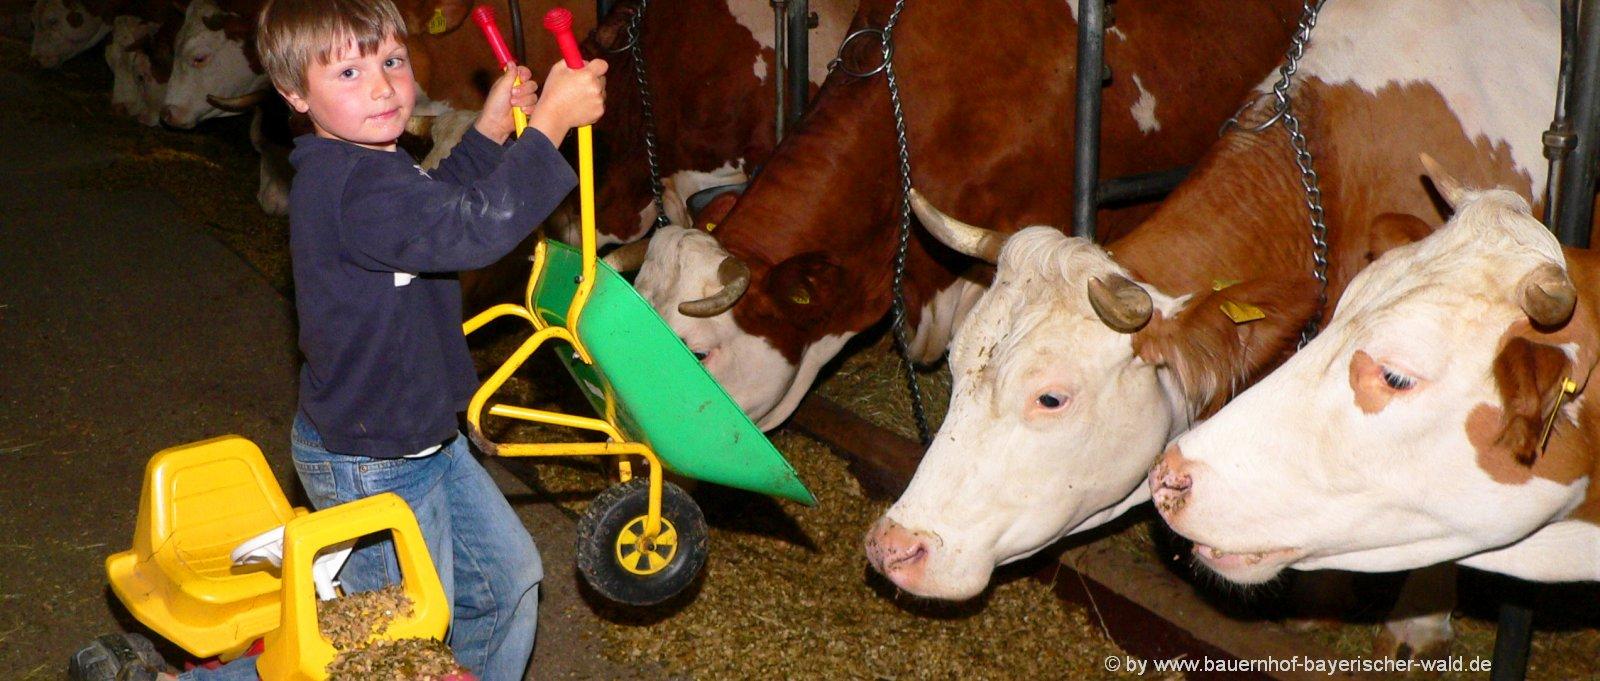 Tiere erleben am Wochenendurlaub am Bauernhof in Bayern